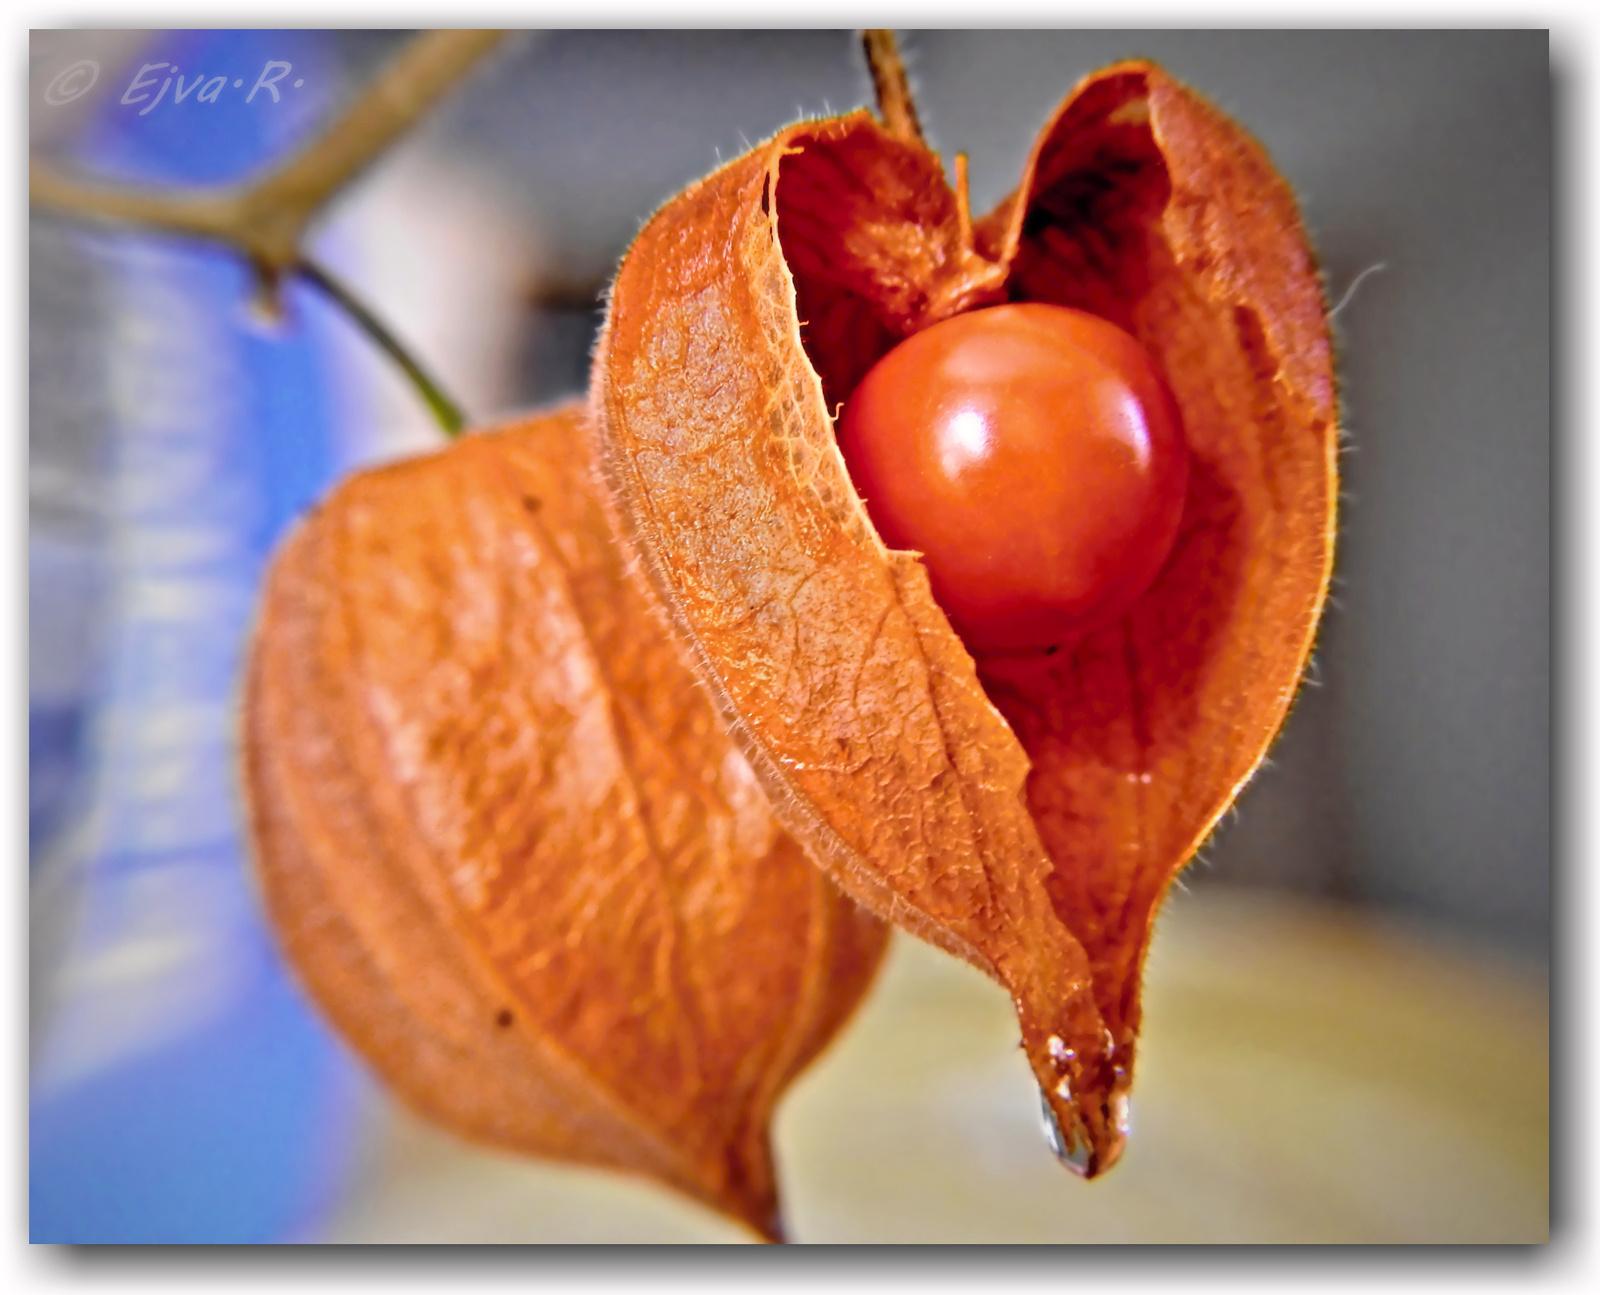 Lampionvirág gyümölcsök (Physalis alkekengi)